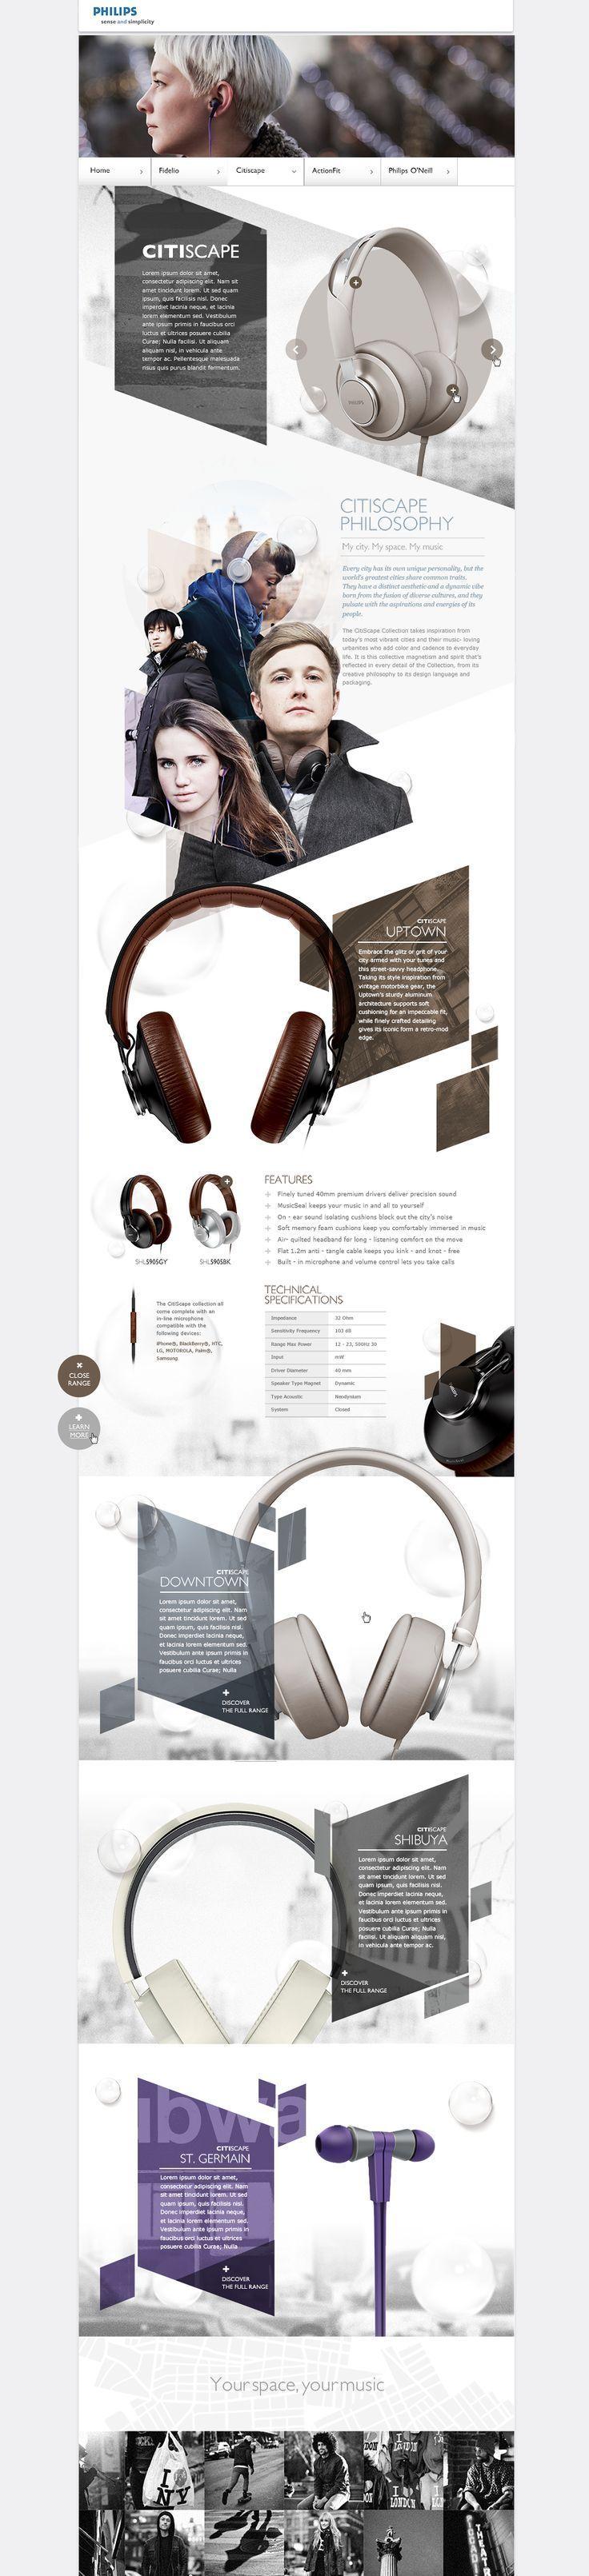 Philips Citiscape Web Design